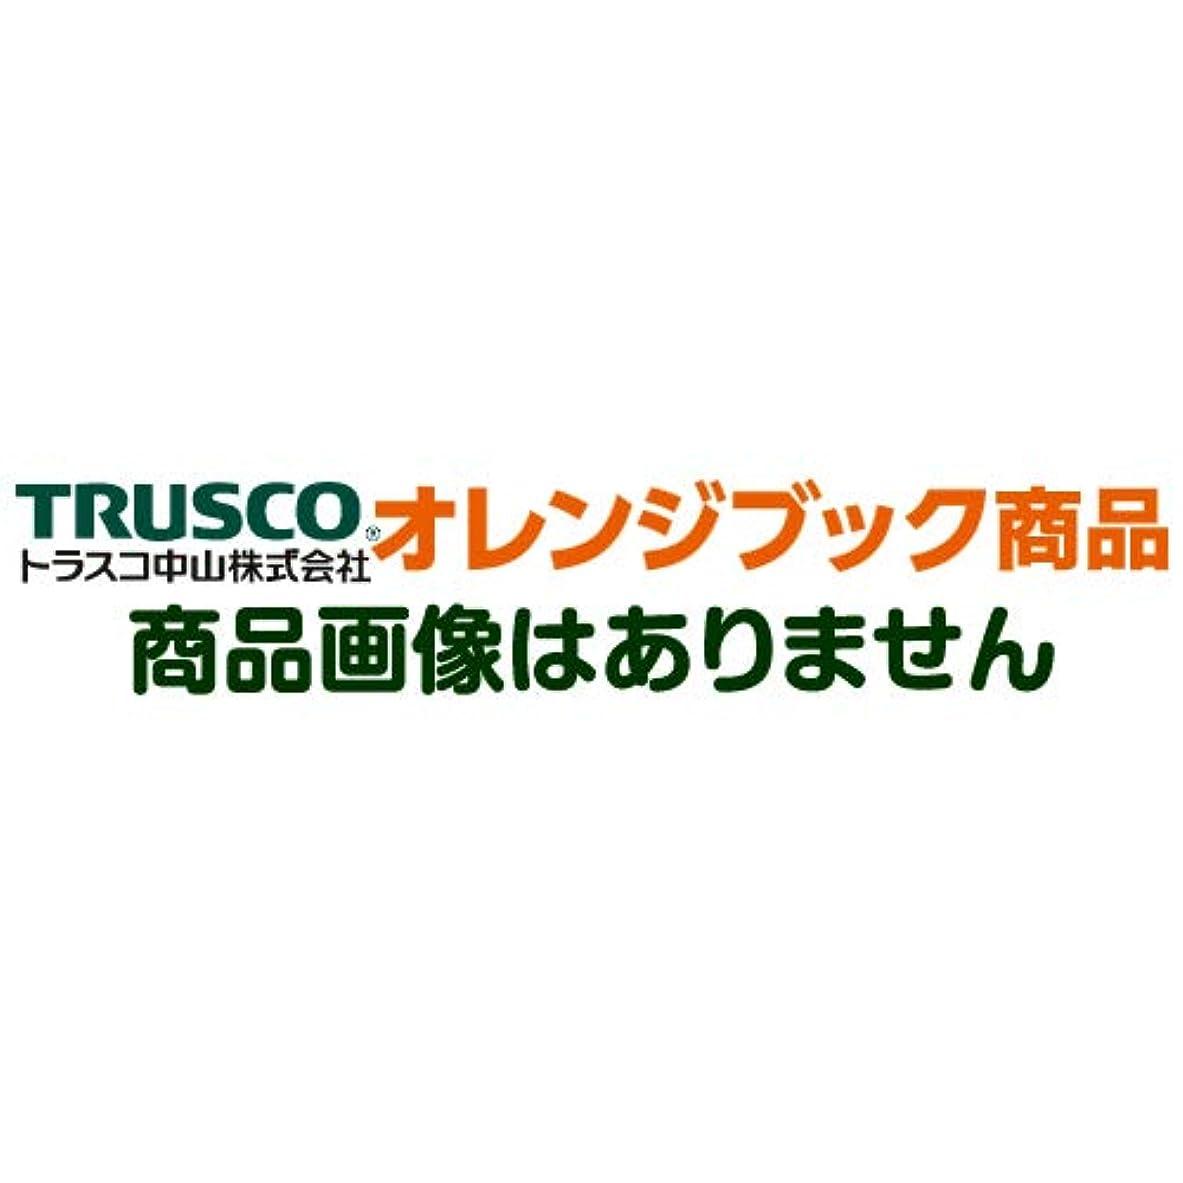 シミュレートするキャンペーンマナーTRUSCO 三菱K 三菱 バイオレット高精度ドリル 汎用 ショート 2.85mm VAPDSD0285